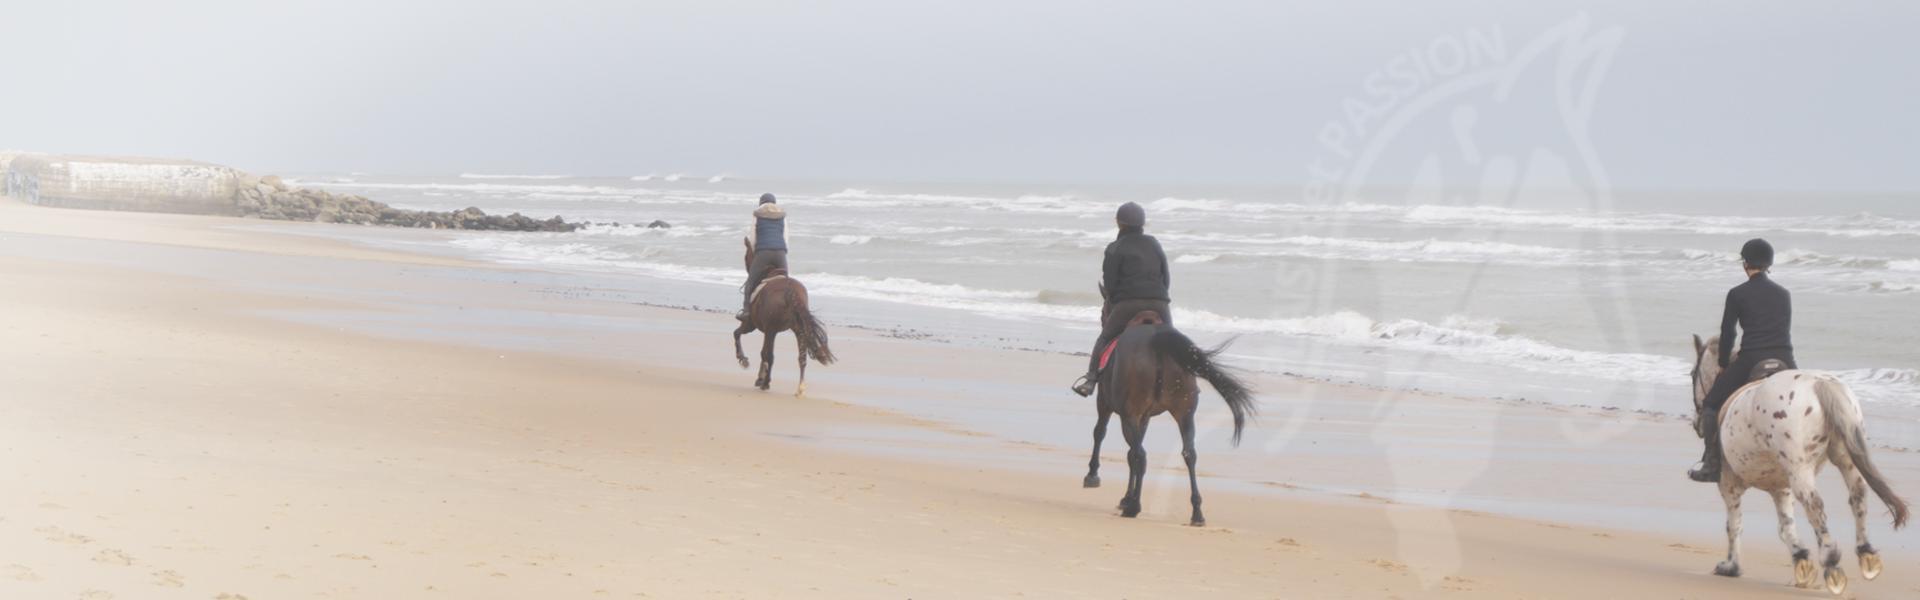 galop sur la plage